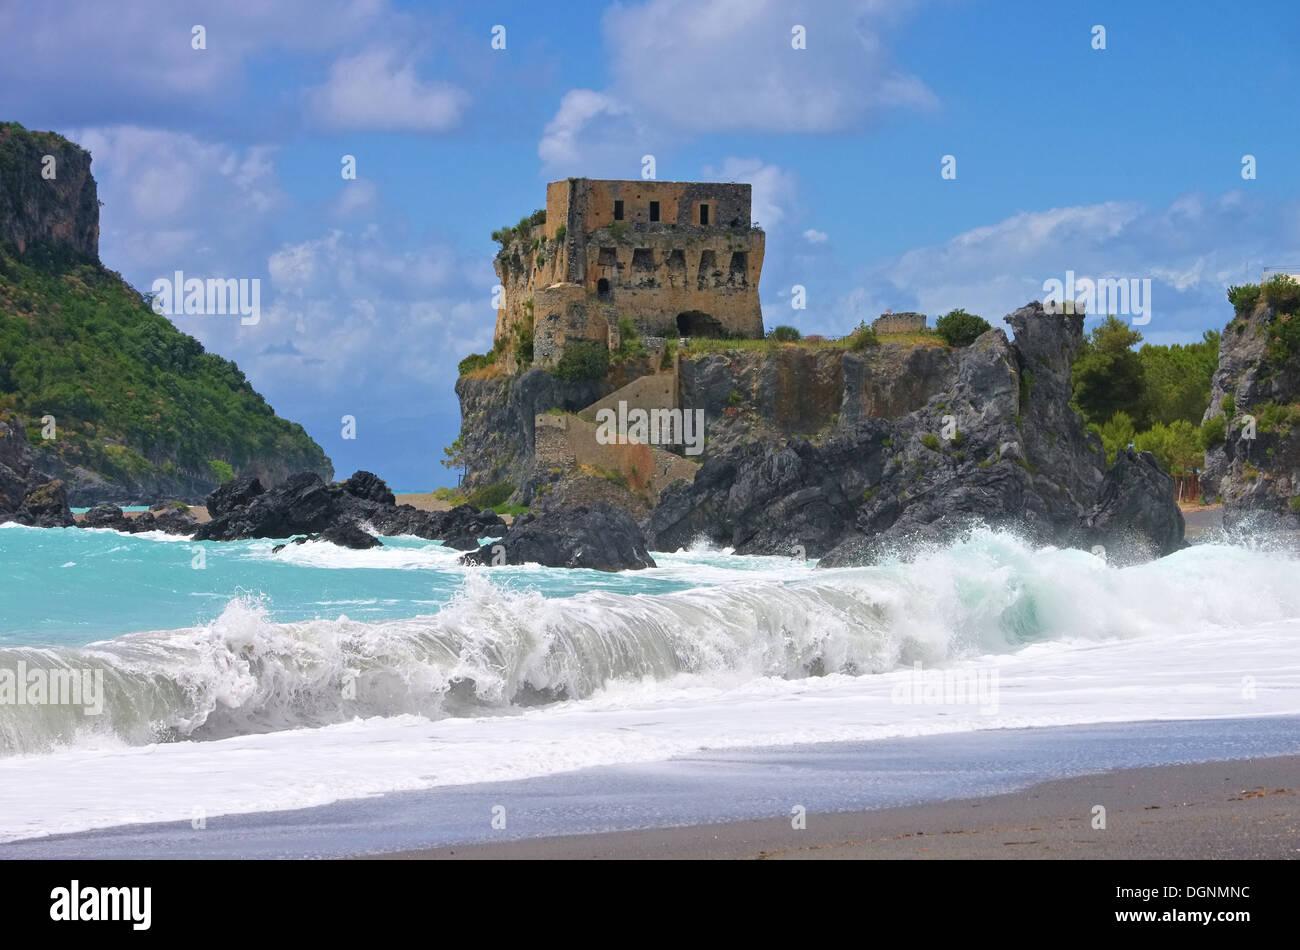 Isola di Dino 03 - Stock Image